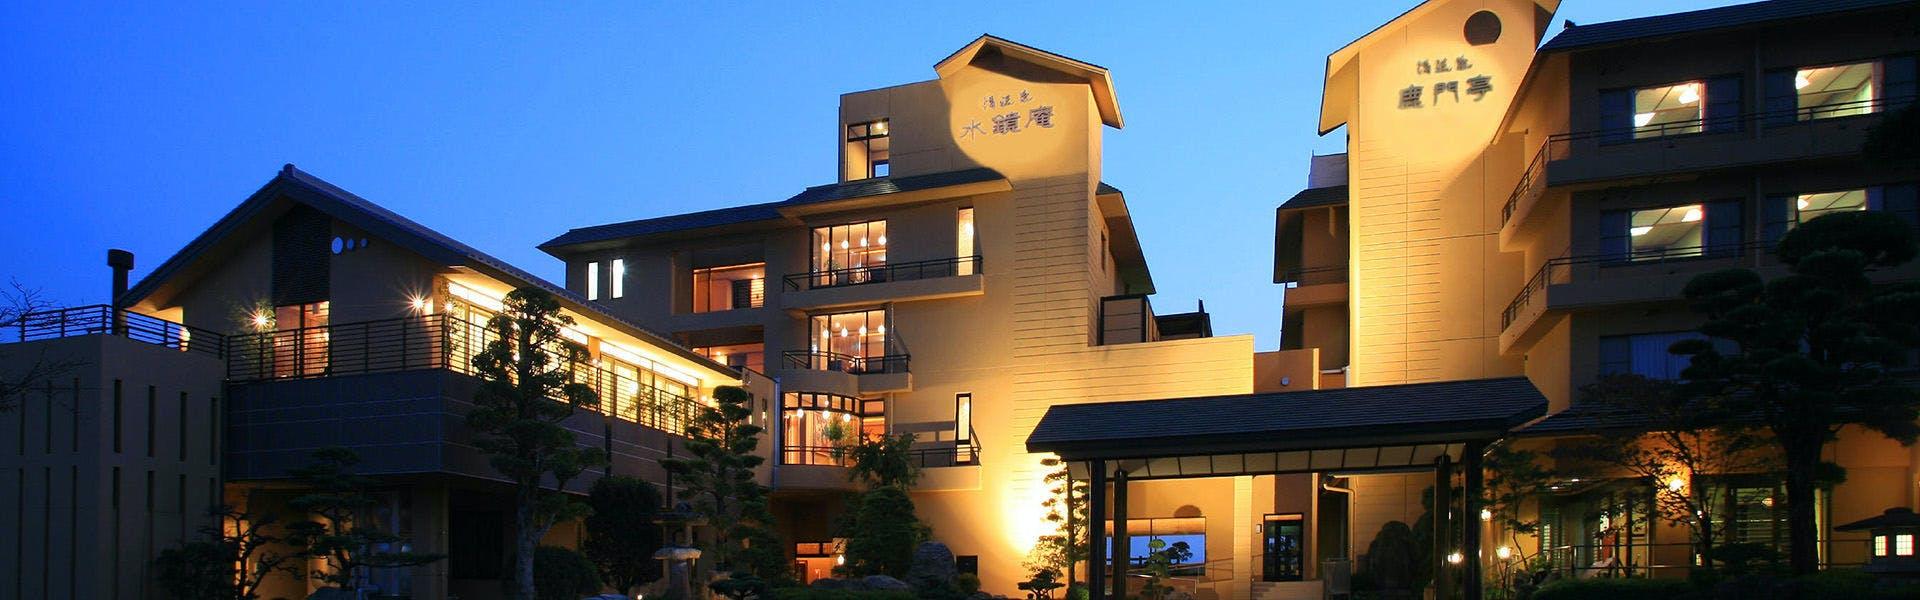 記念日におすすめのホテル・山鹿温泉 清流荘の写真1